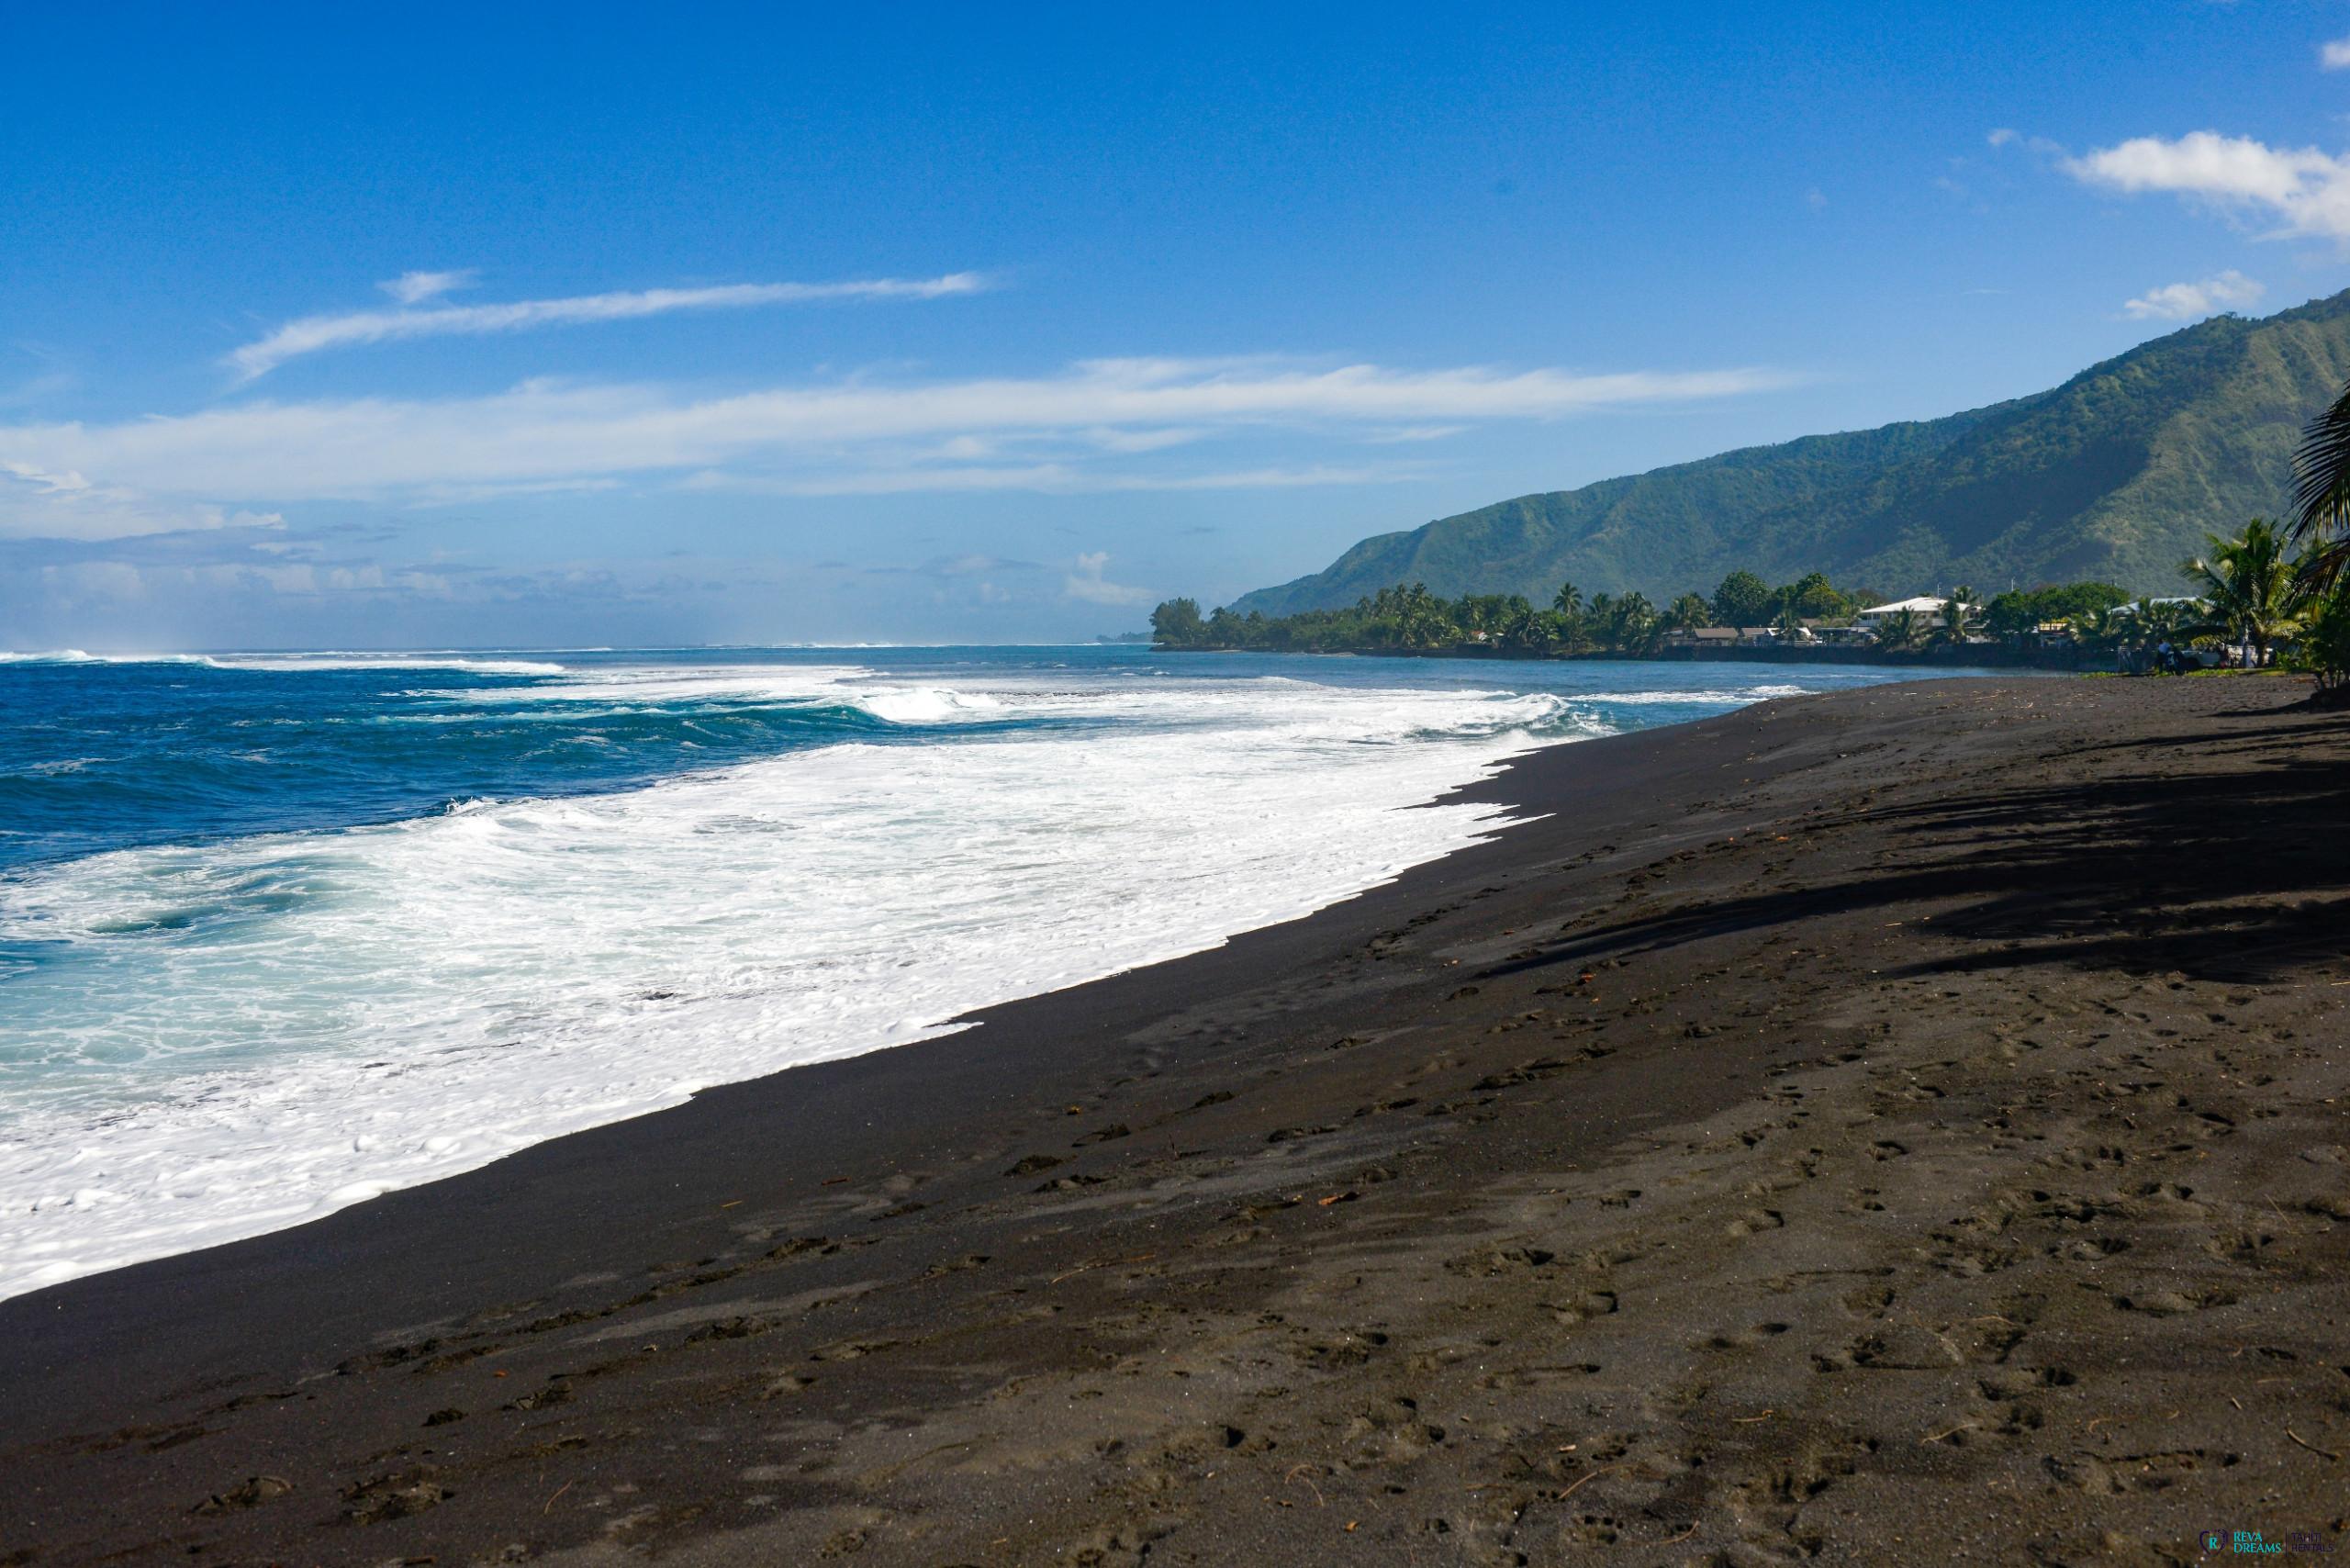 Image Bord De Mer tahiti - fare taharuu teava (bord de mer)